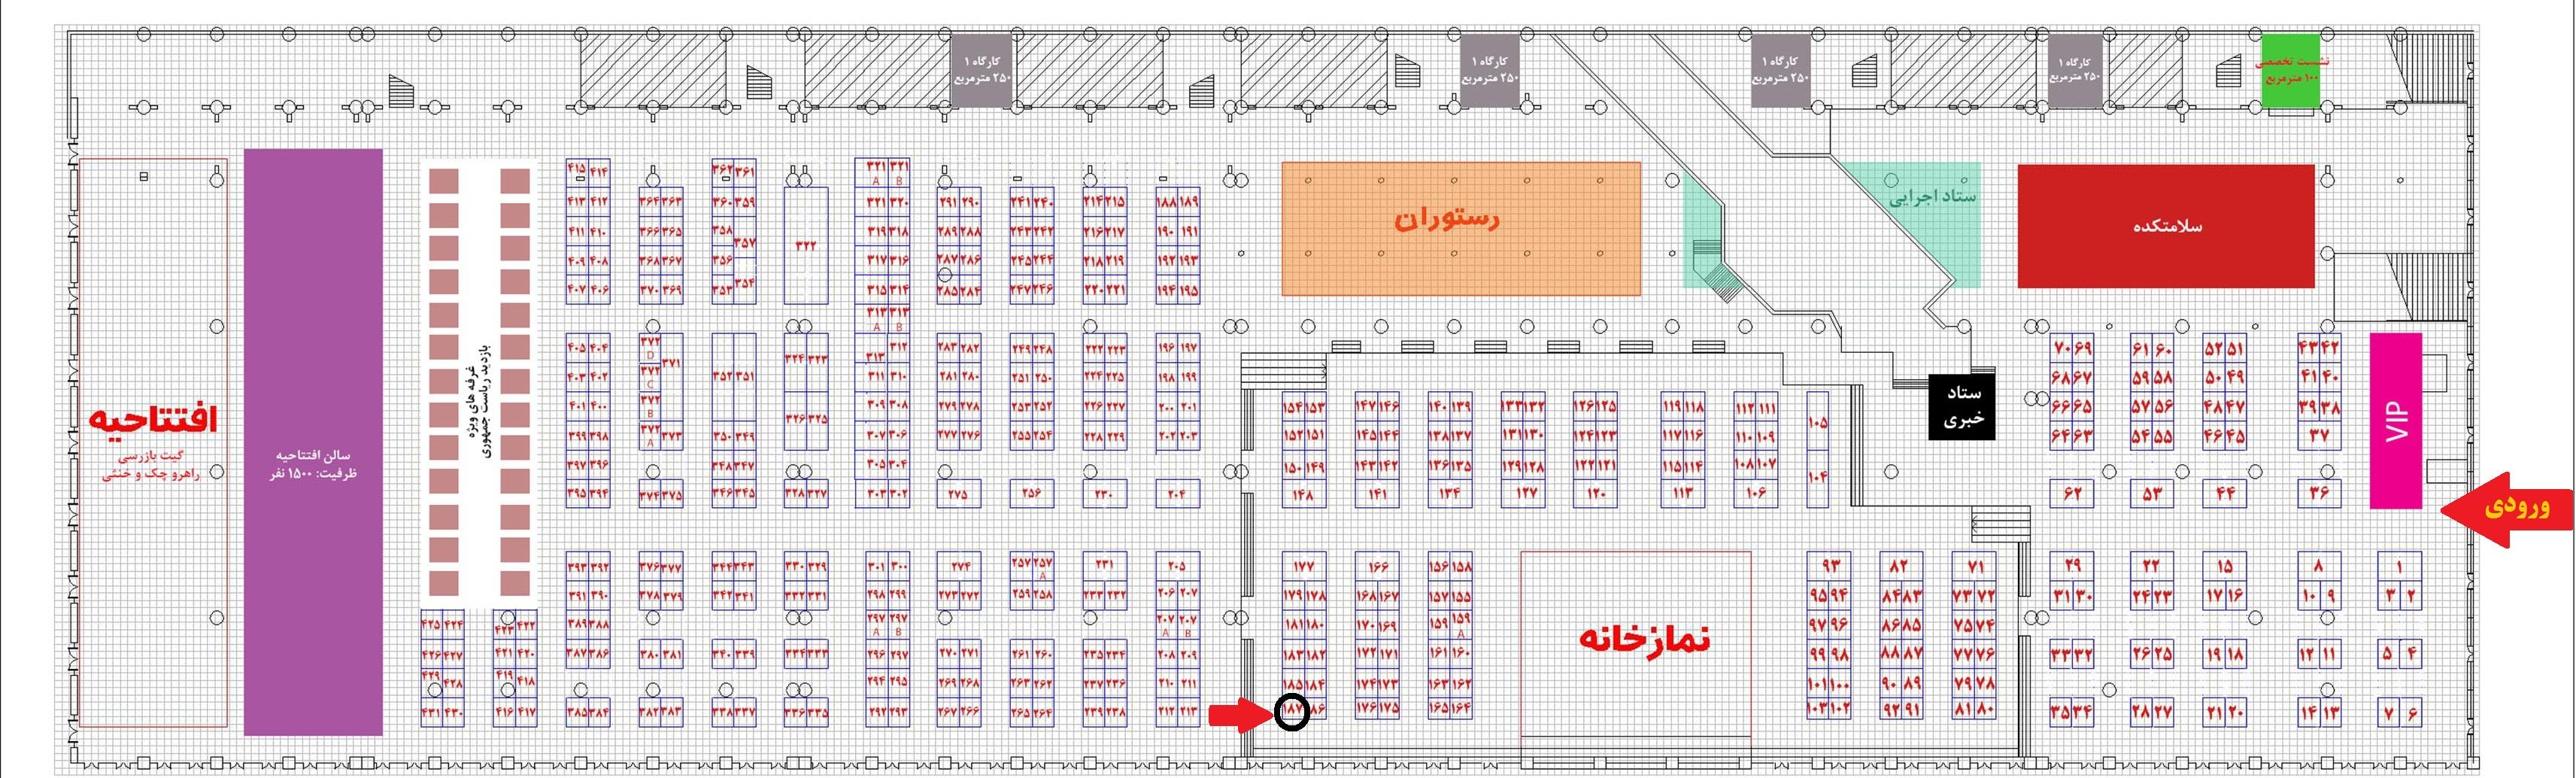 نقشه دومین جشنواره و نمایشگاه گیاهان دارویی